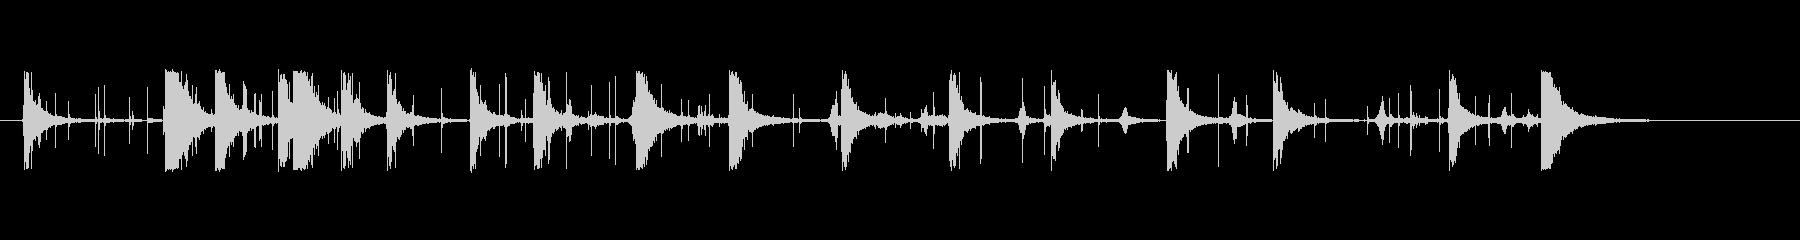 爆竹-複数の効果のシーケンス-花火の未再生の波形